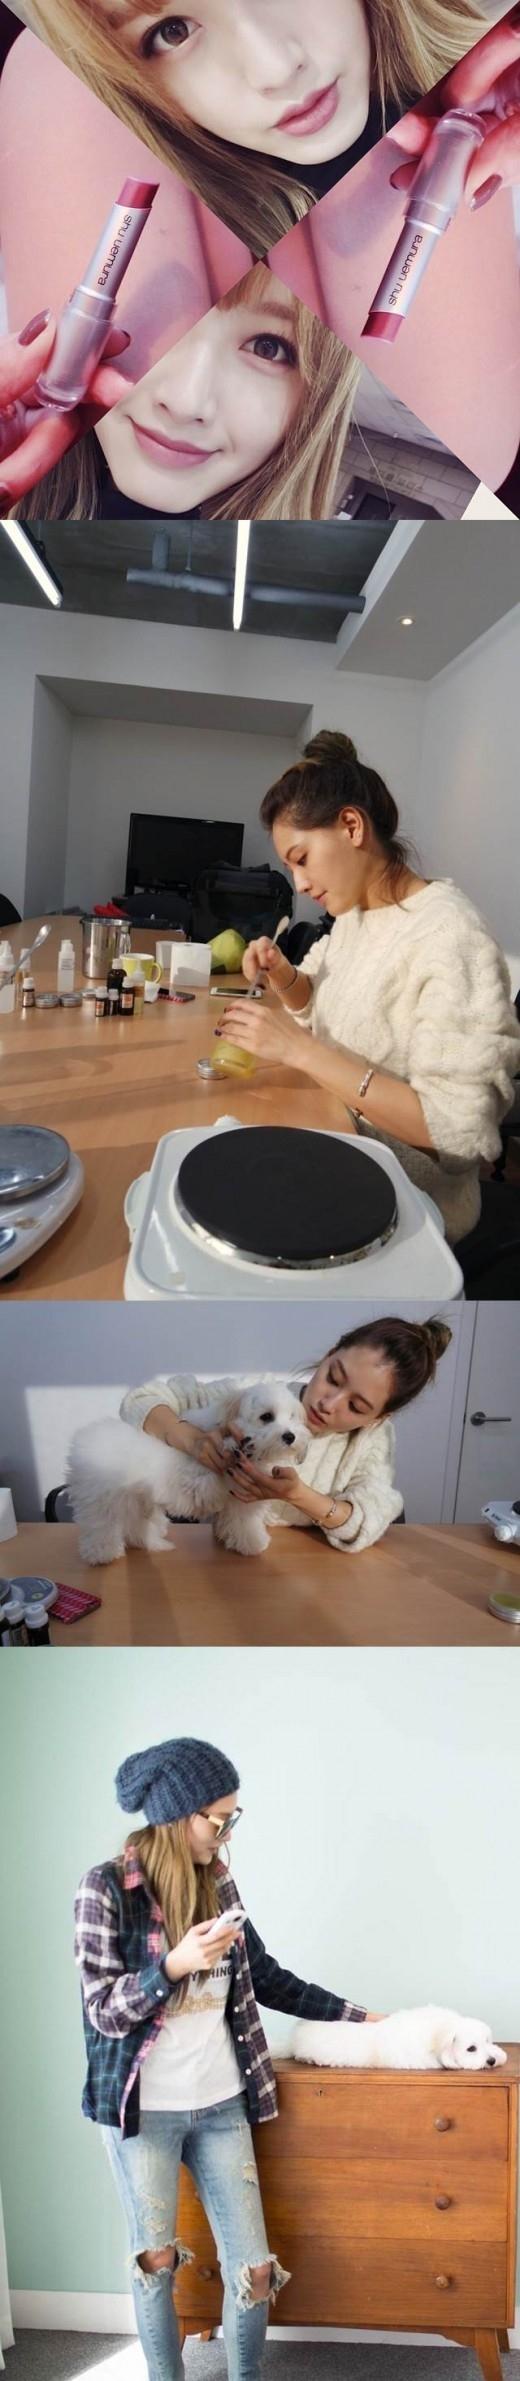 RAINBOW ジェギョン、ブログ「ジェギョン工房」を開設!メイクアップの秘訣から愛犬まで大公開